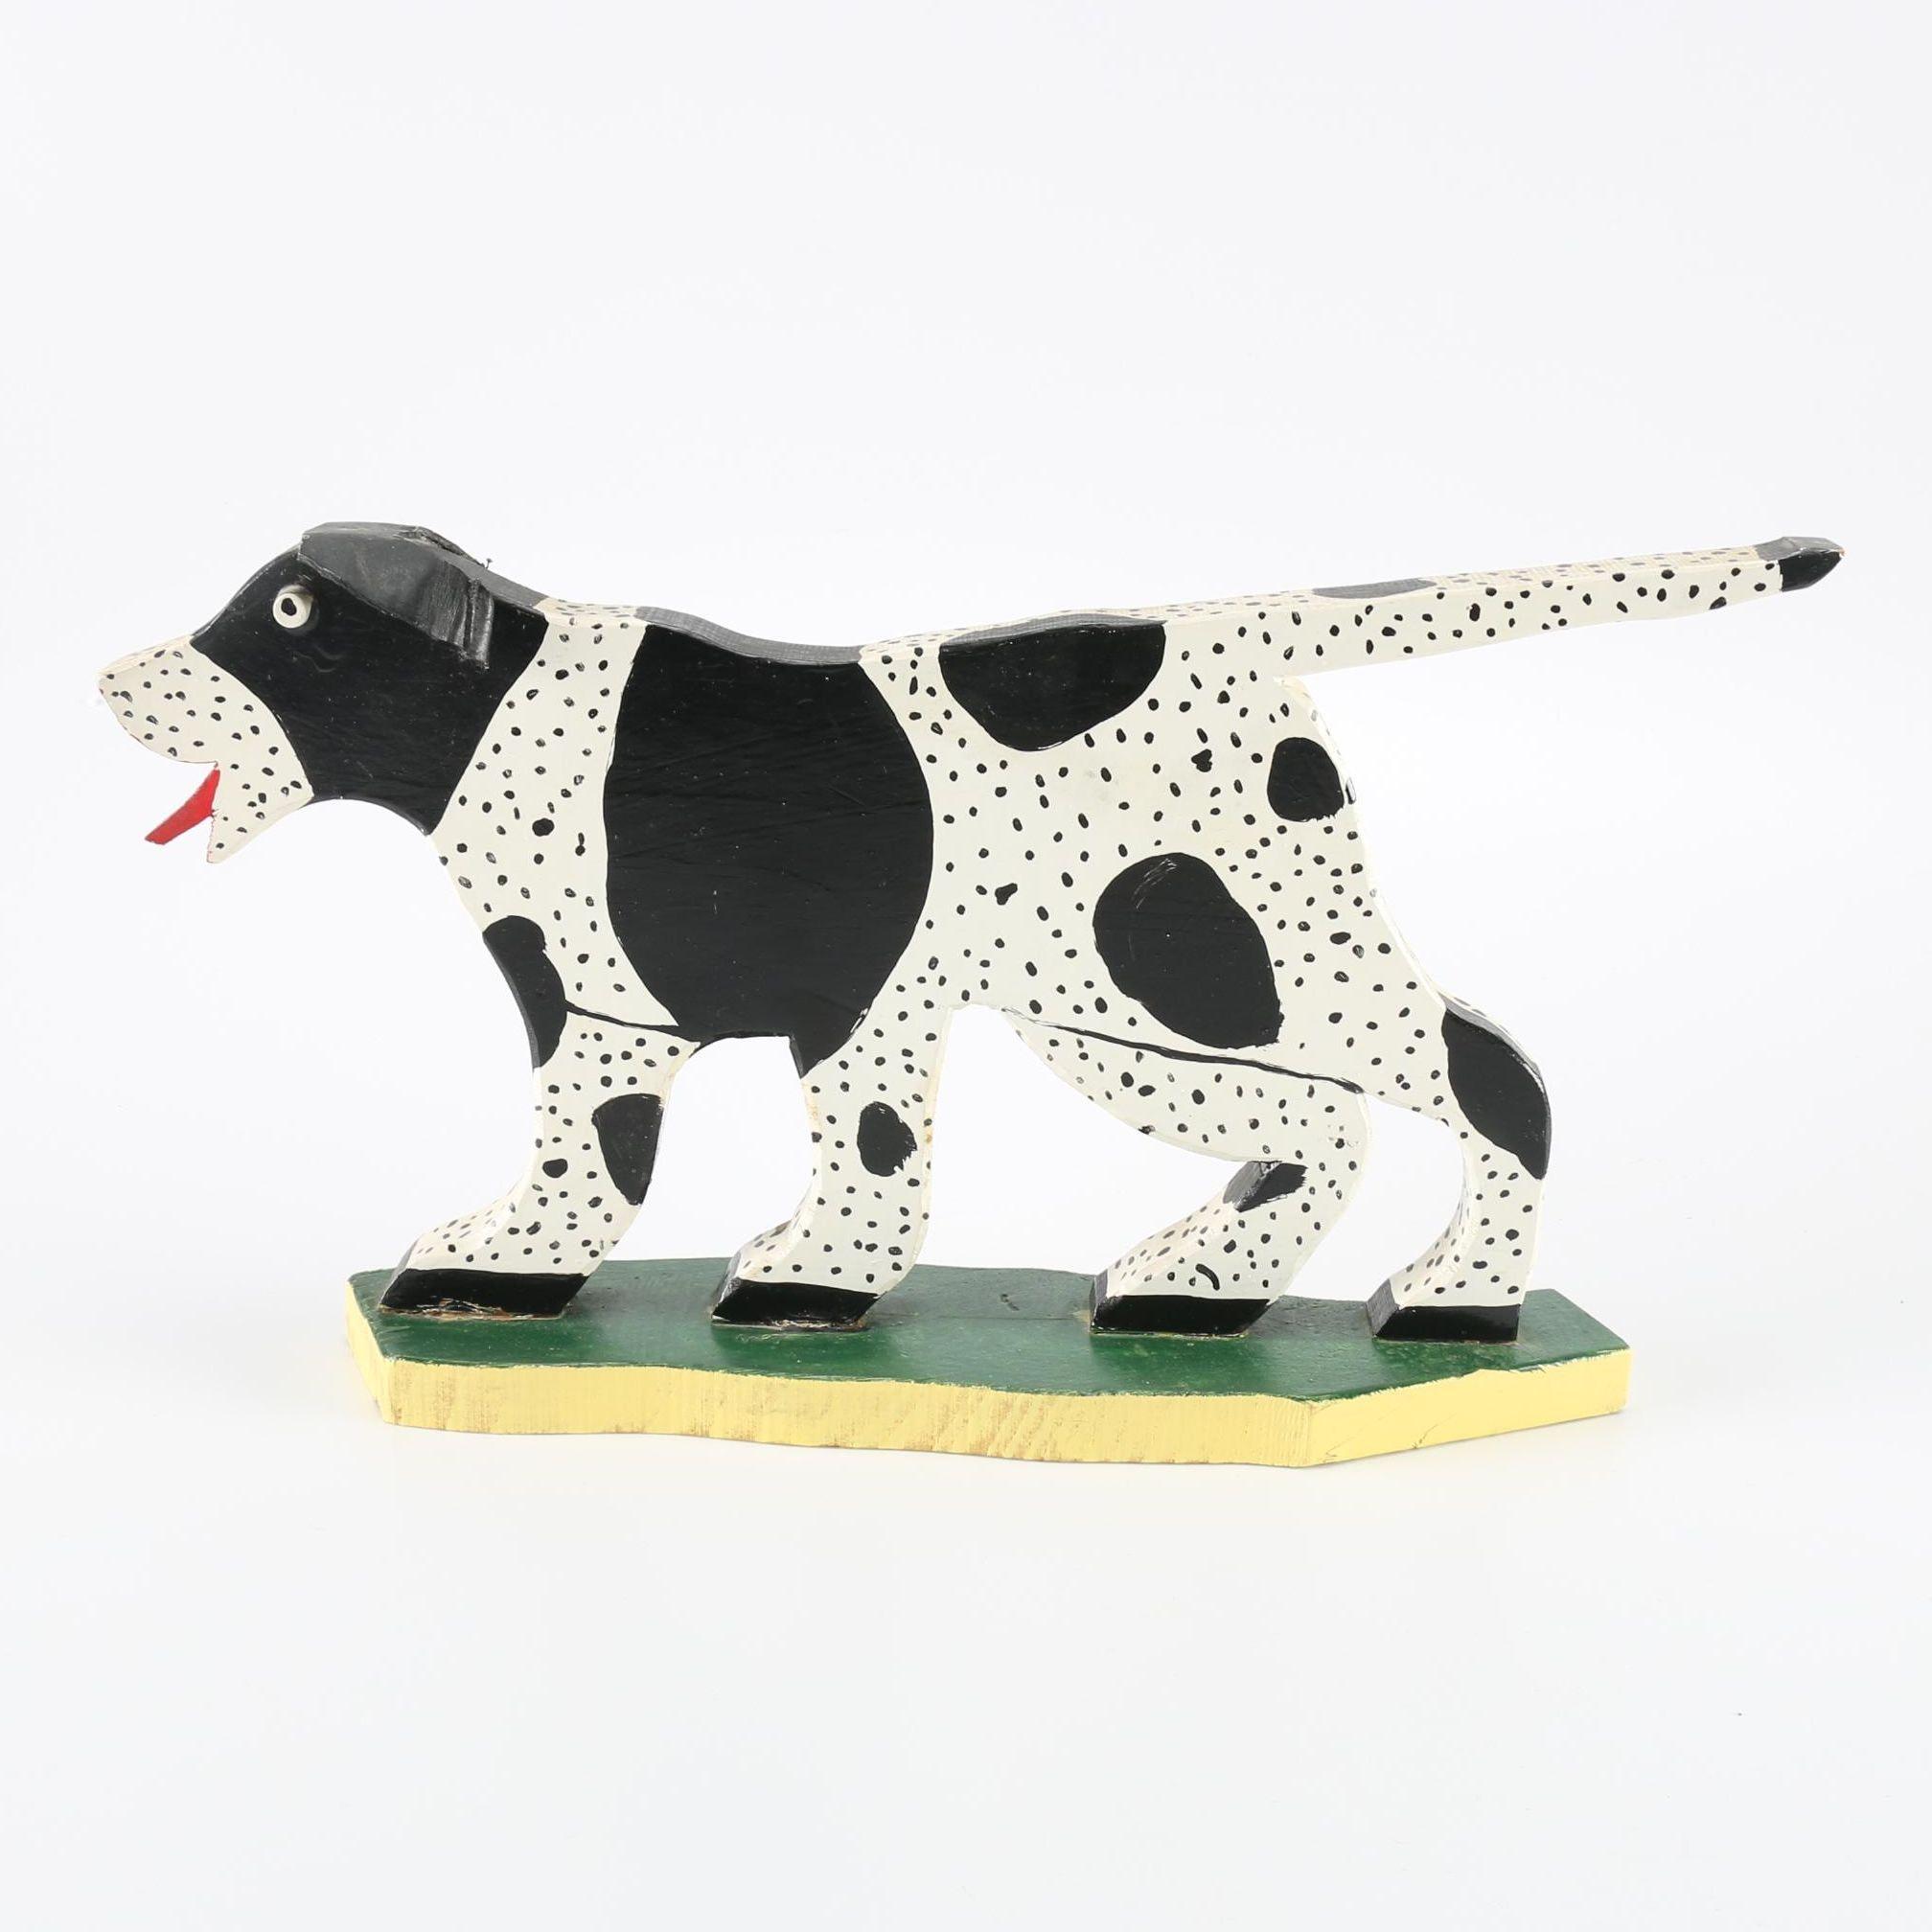 Marvin Finn Folk Art Wooden Dog Sculpture (1985)